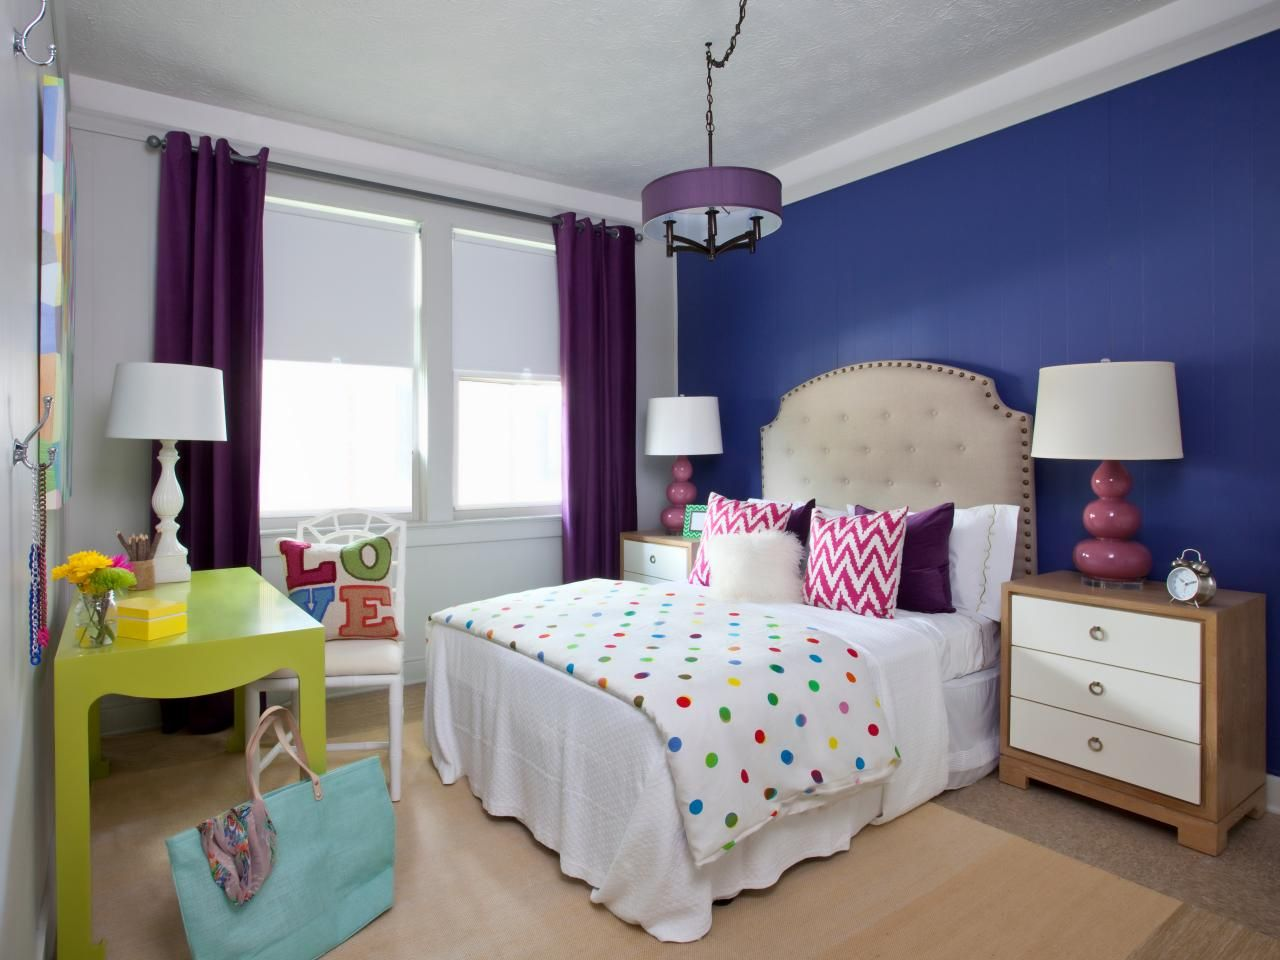 Pin De Heather Kropidlowski En Abby Ideas Pinterest ~ Colores Bonitos Para Habitaciones